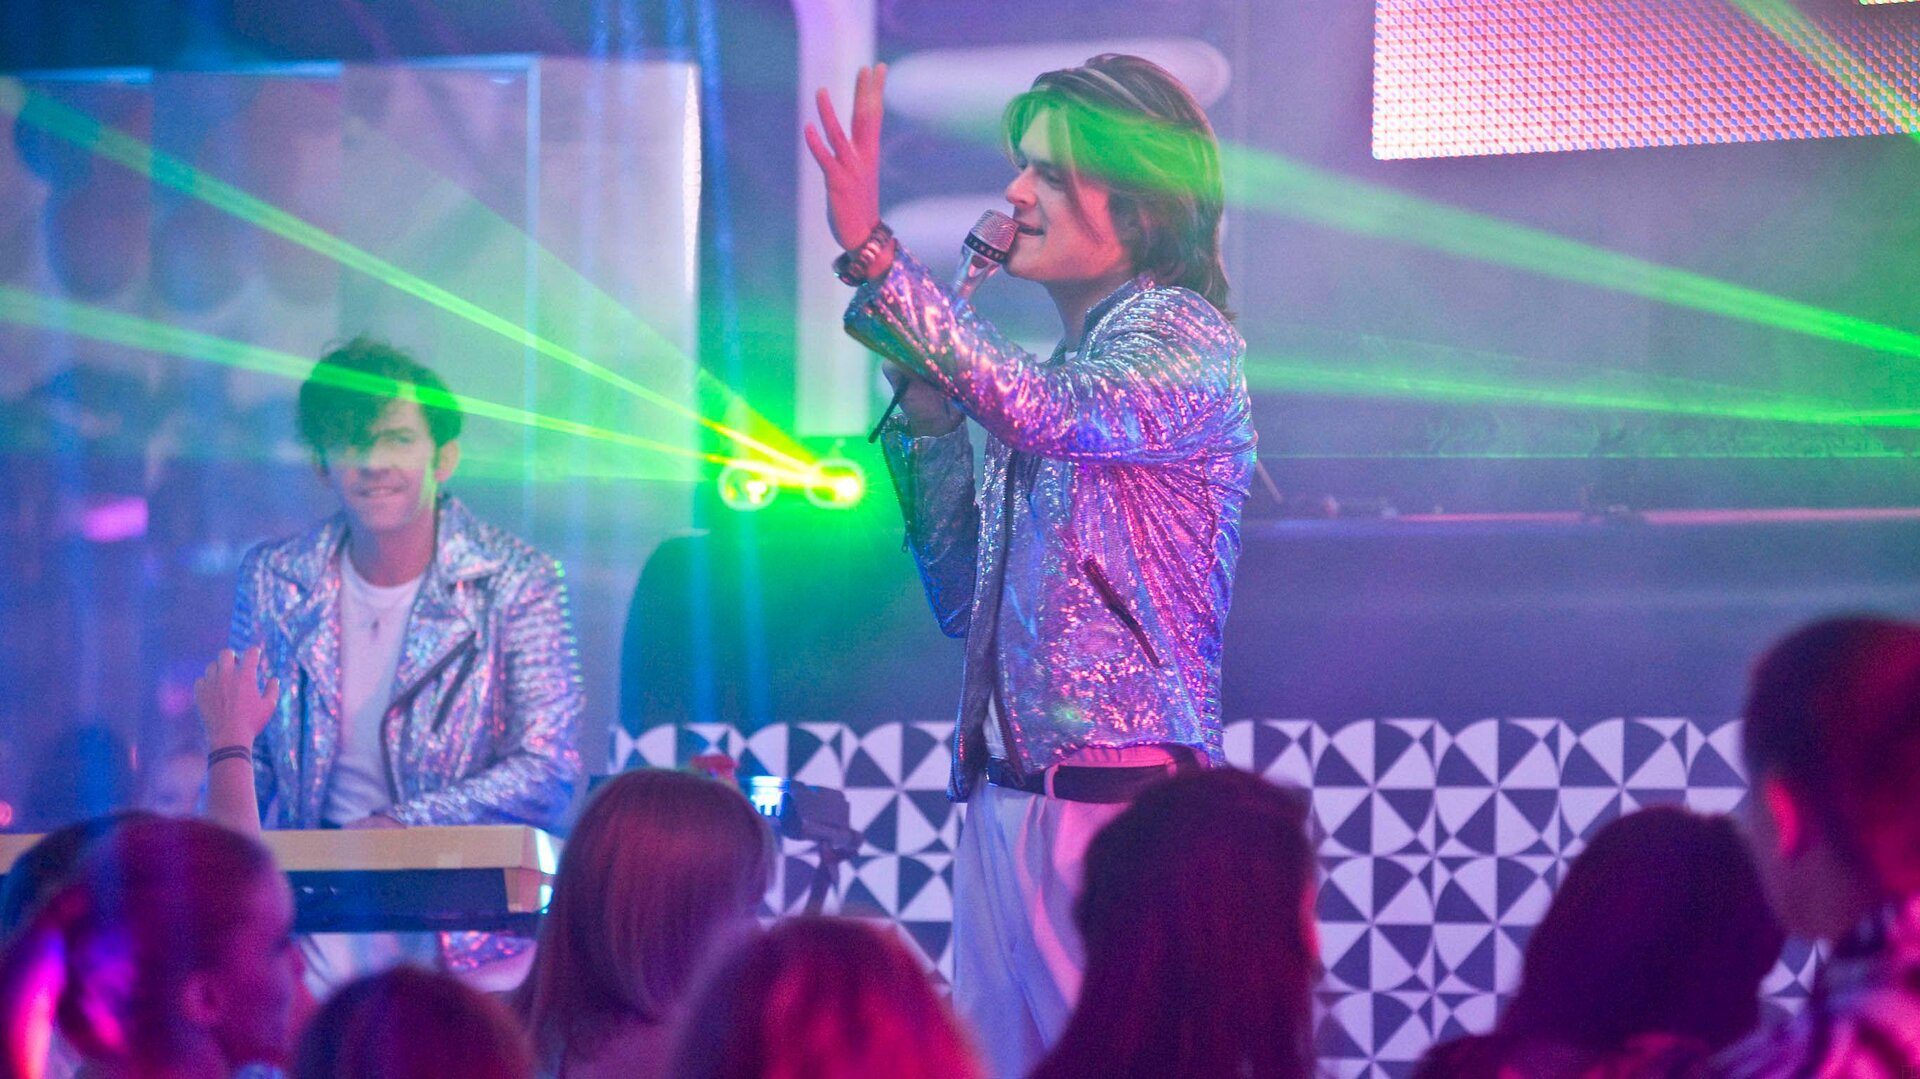 Ilustracja przedstawia koncert muzyki disco. Na pierwszym planie mężczyzna zmikrofonem. Piosenkarz ma dłuższe, sięgające za ucho włosy. Ubrany jest wjasne spodnie ibardzo błyszczącą, krótką kurtkę. Wtle mężczyzna grający na instrumentach klawiszowych. Ze sceny widać laserowe wiązki światła. Przed sceną grupka młodzieży.